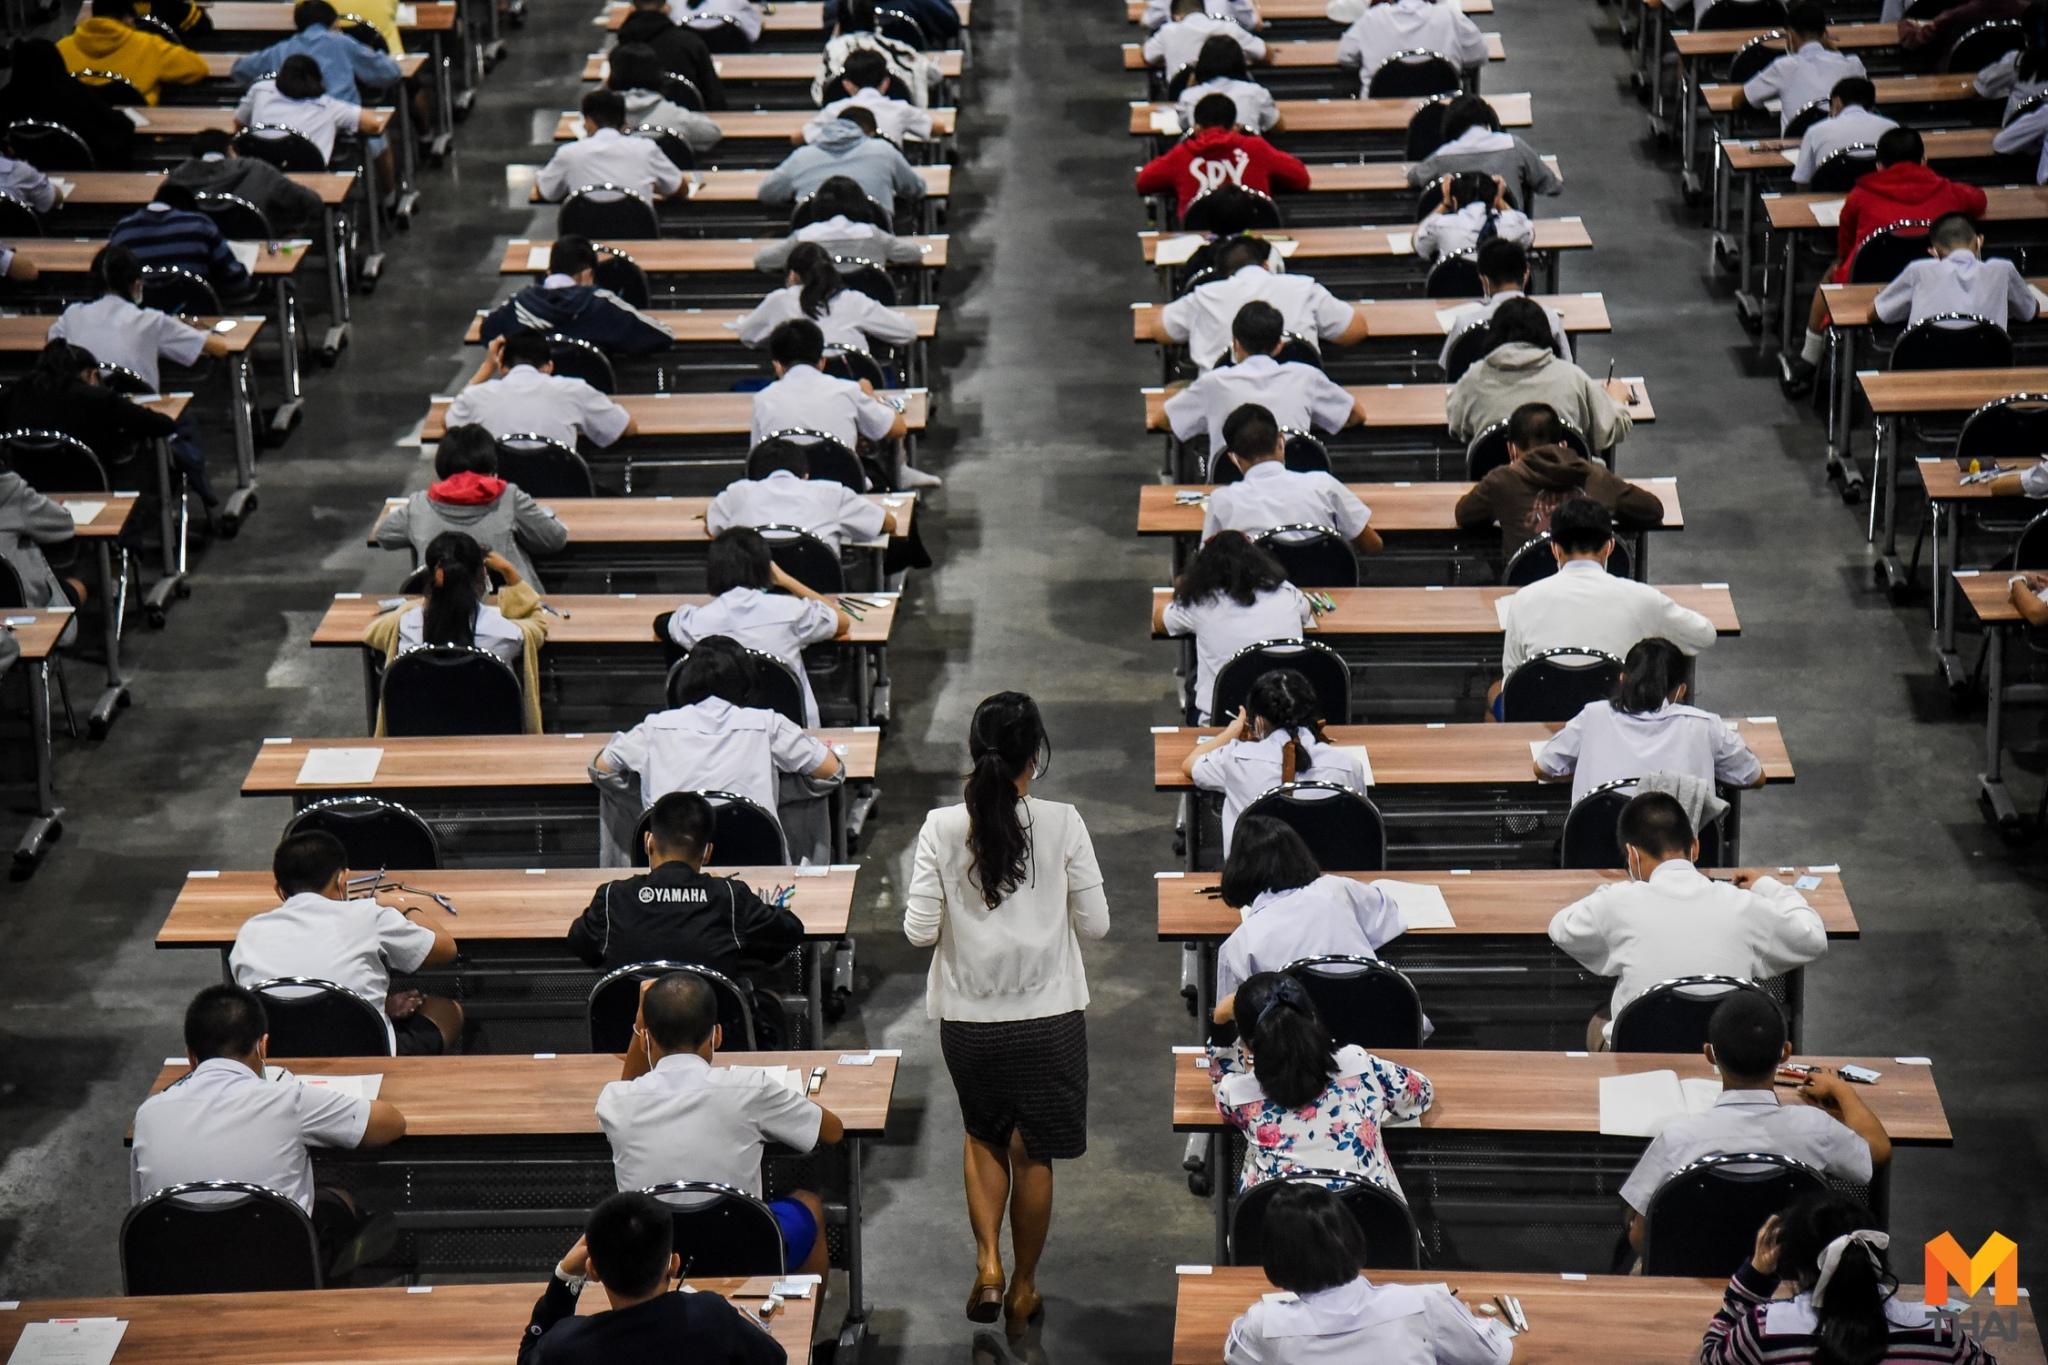 เมืองทองธานี โรงเรียนเตรียมอุดมศึกษา